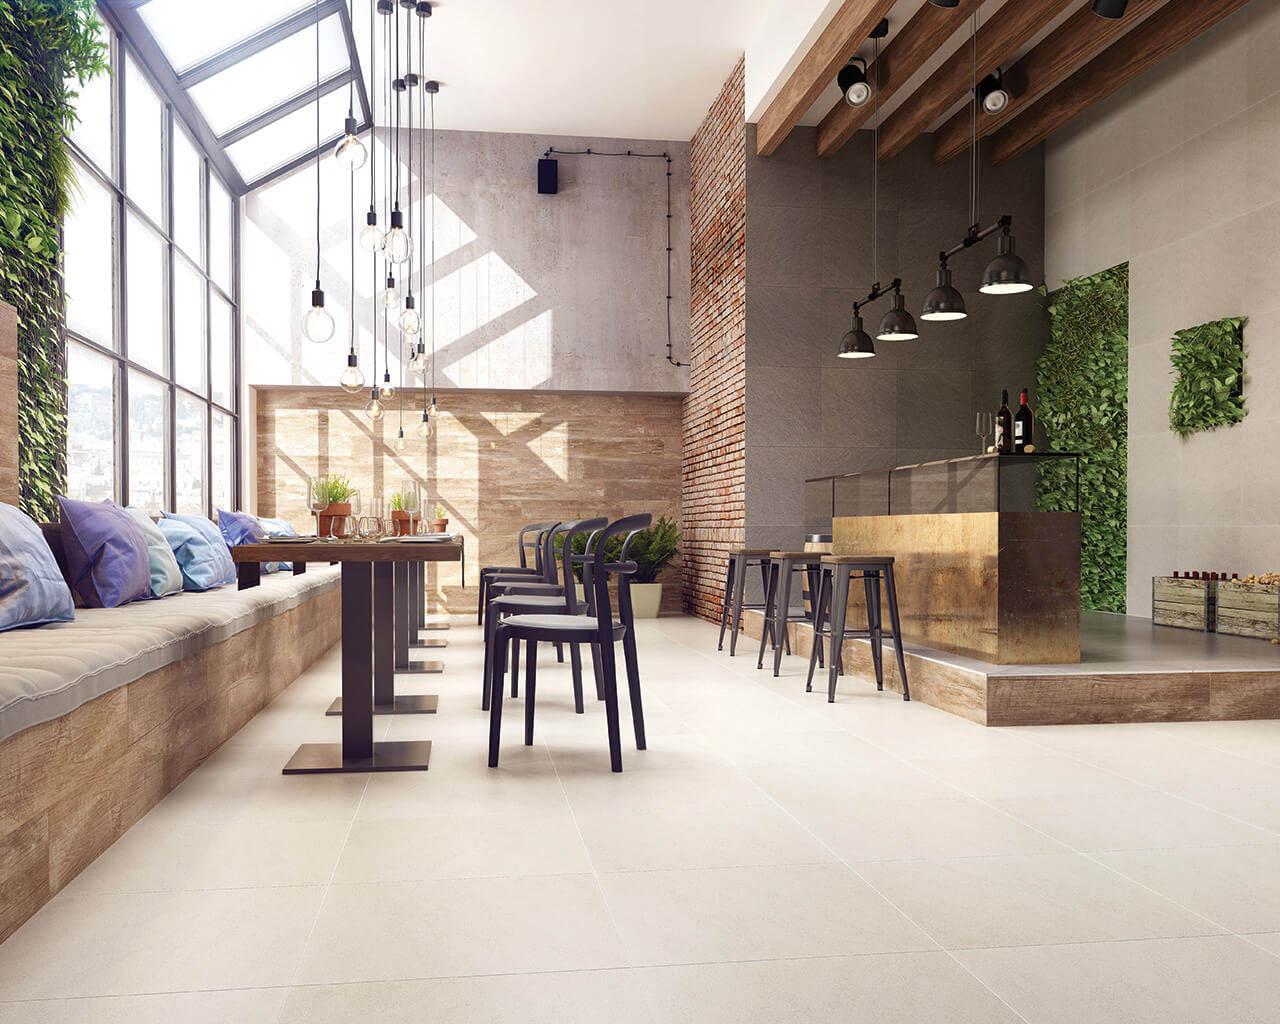 Nowoczesny, przestronny bar w stylu industrialnym